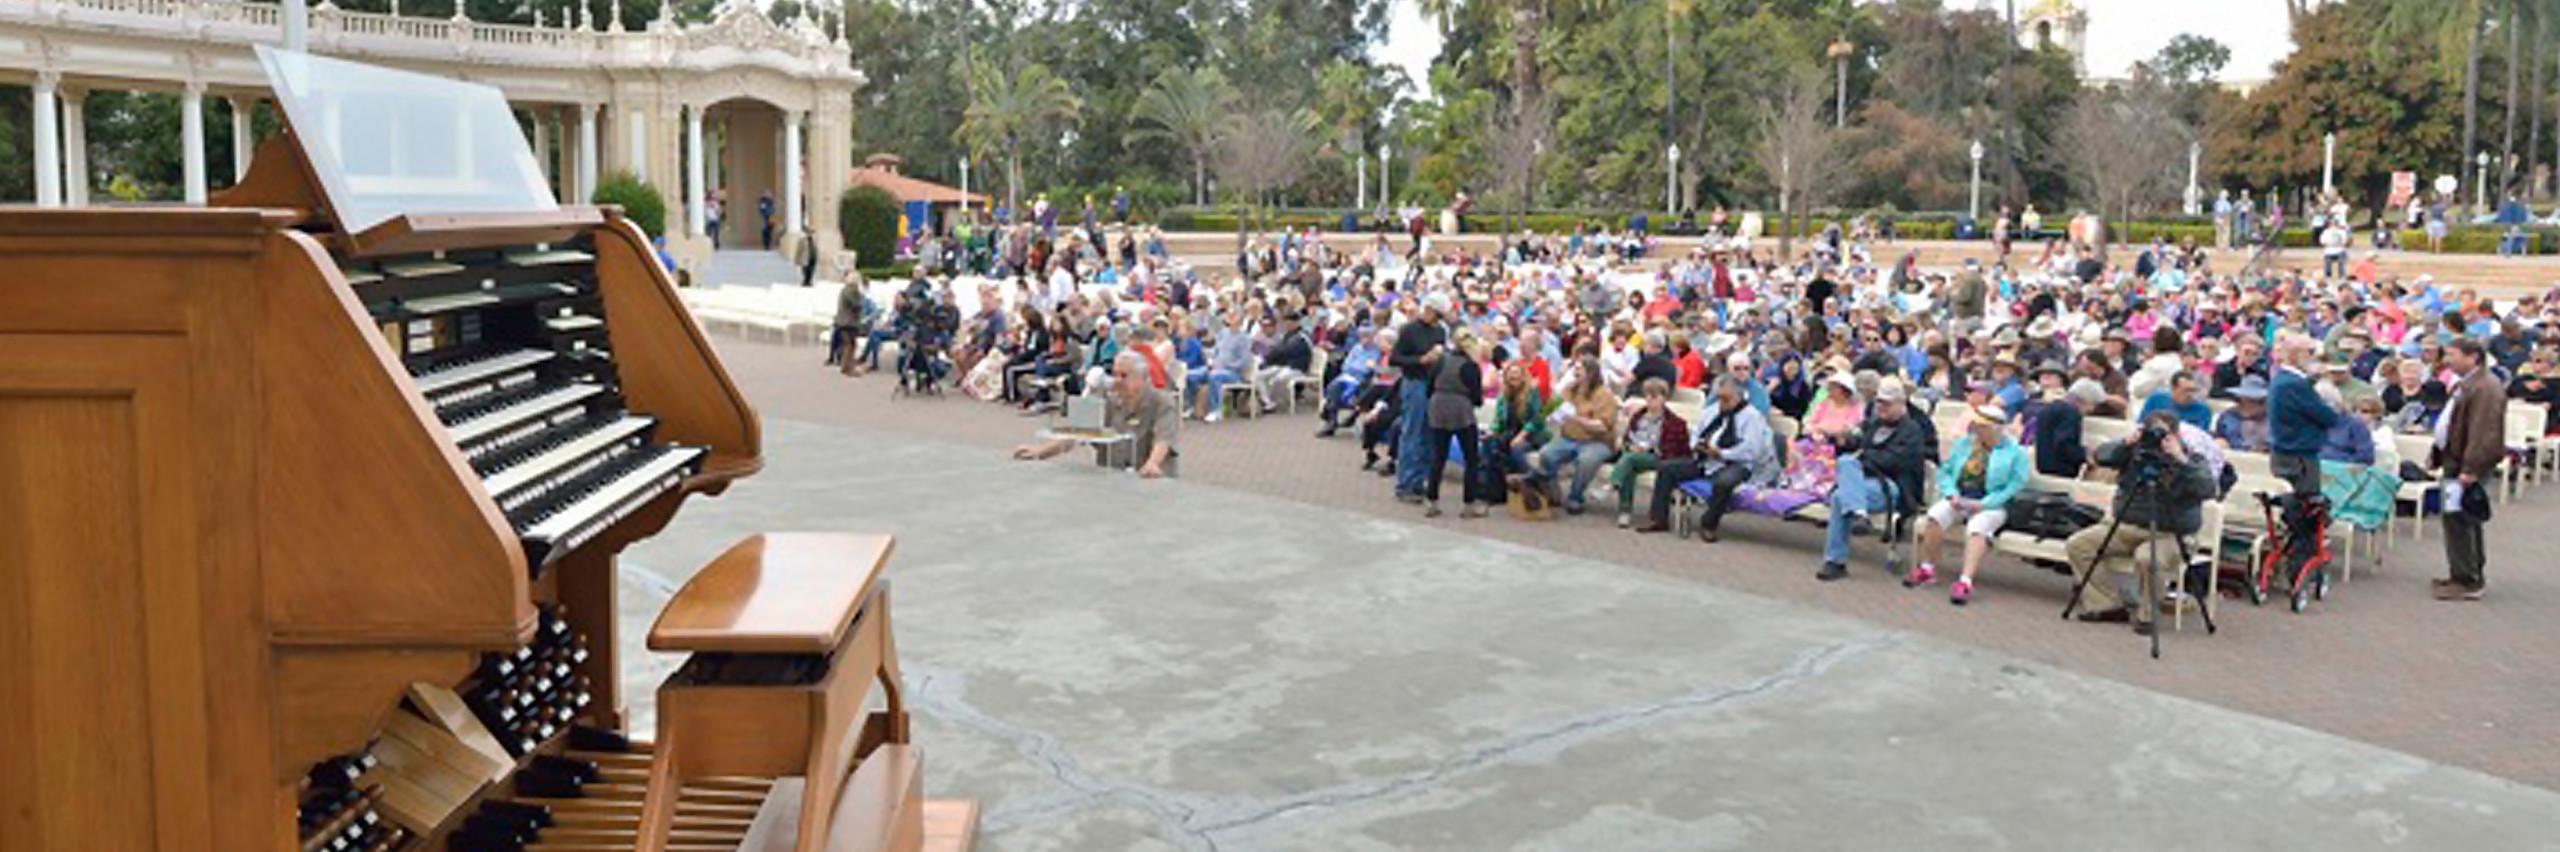 Spreckels Organ Society Concerts